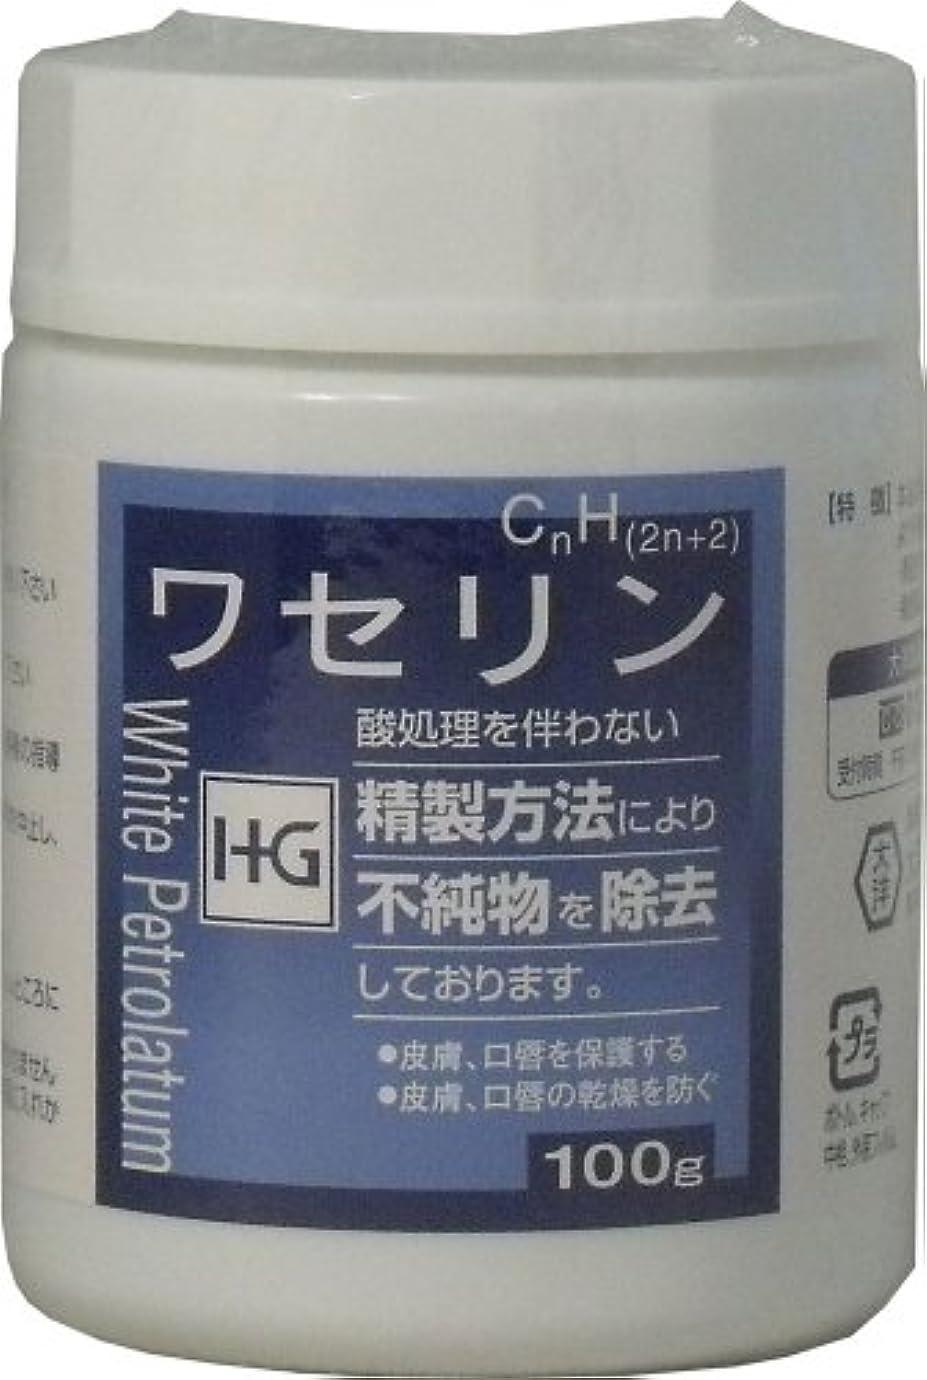 驚きキャンプ形式皮膚保護 ワセリンHG 100g ×10個セット